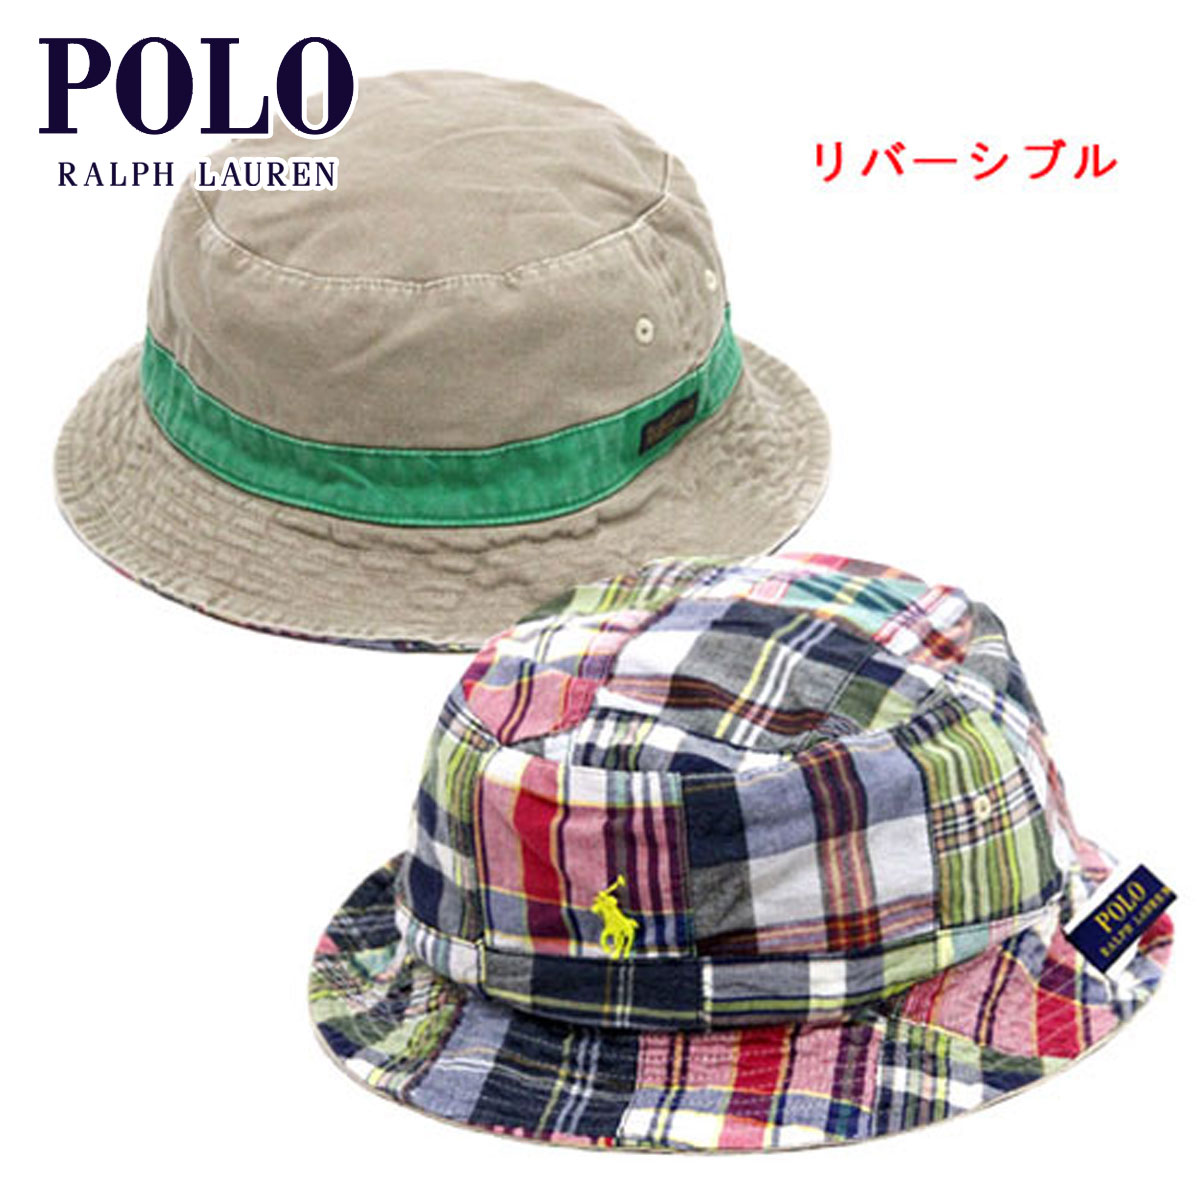 【販売期間 6/4 10:00~6/11 09:59】 ポロ ラルフローレン POLO RALPH LAUREN 正規品 メンズ 帽子 ハット Patchwork Madras Reversible 父の日